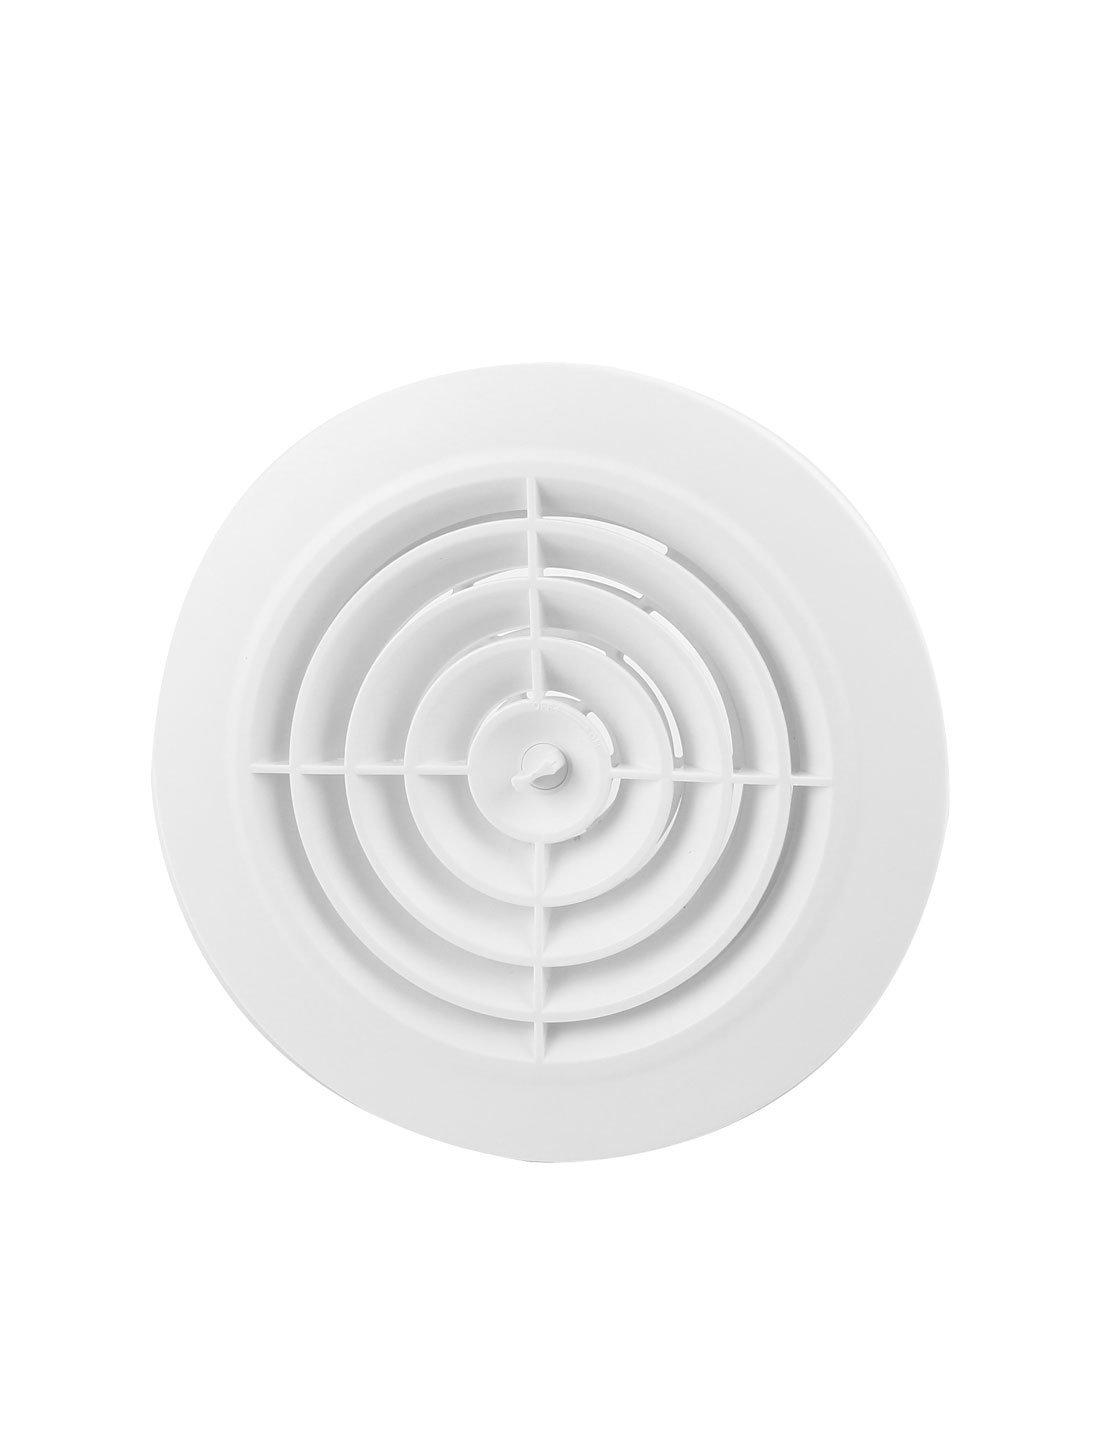 Círculo ajustável Ventilação Grille 150 milímetros Redonda condutas de ventilação da tampa: Amazon.com: Industrial & Scientific